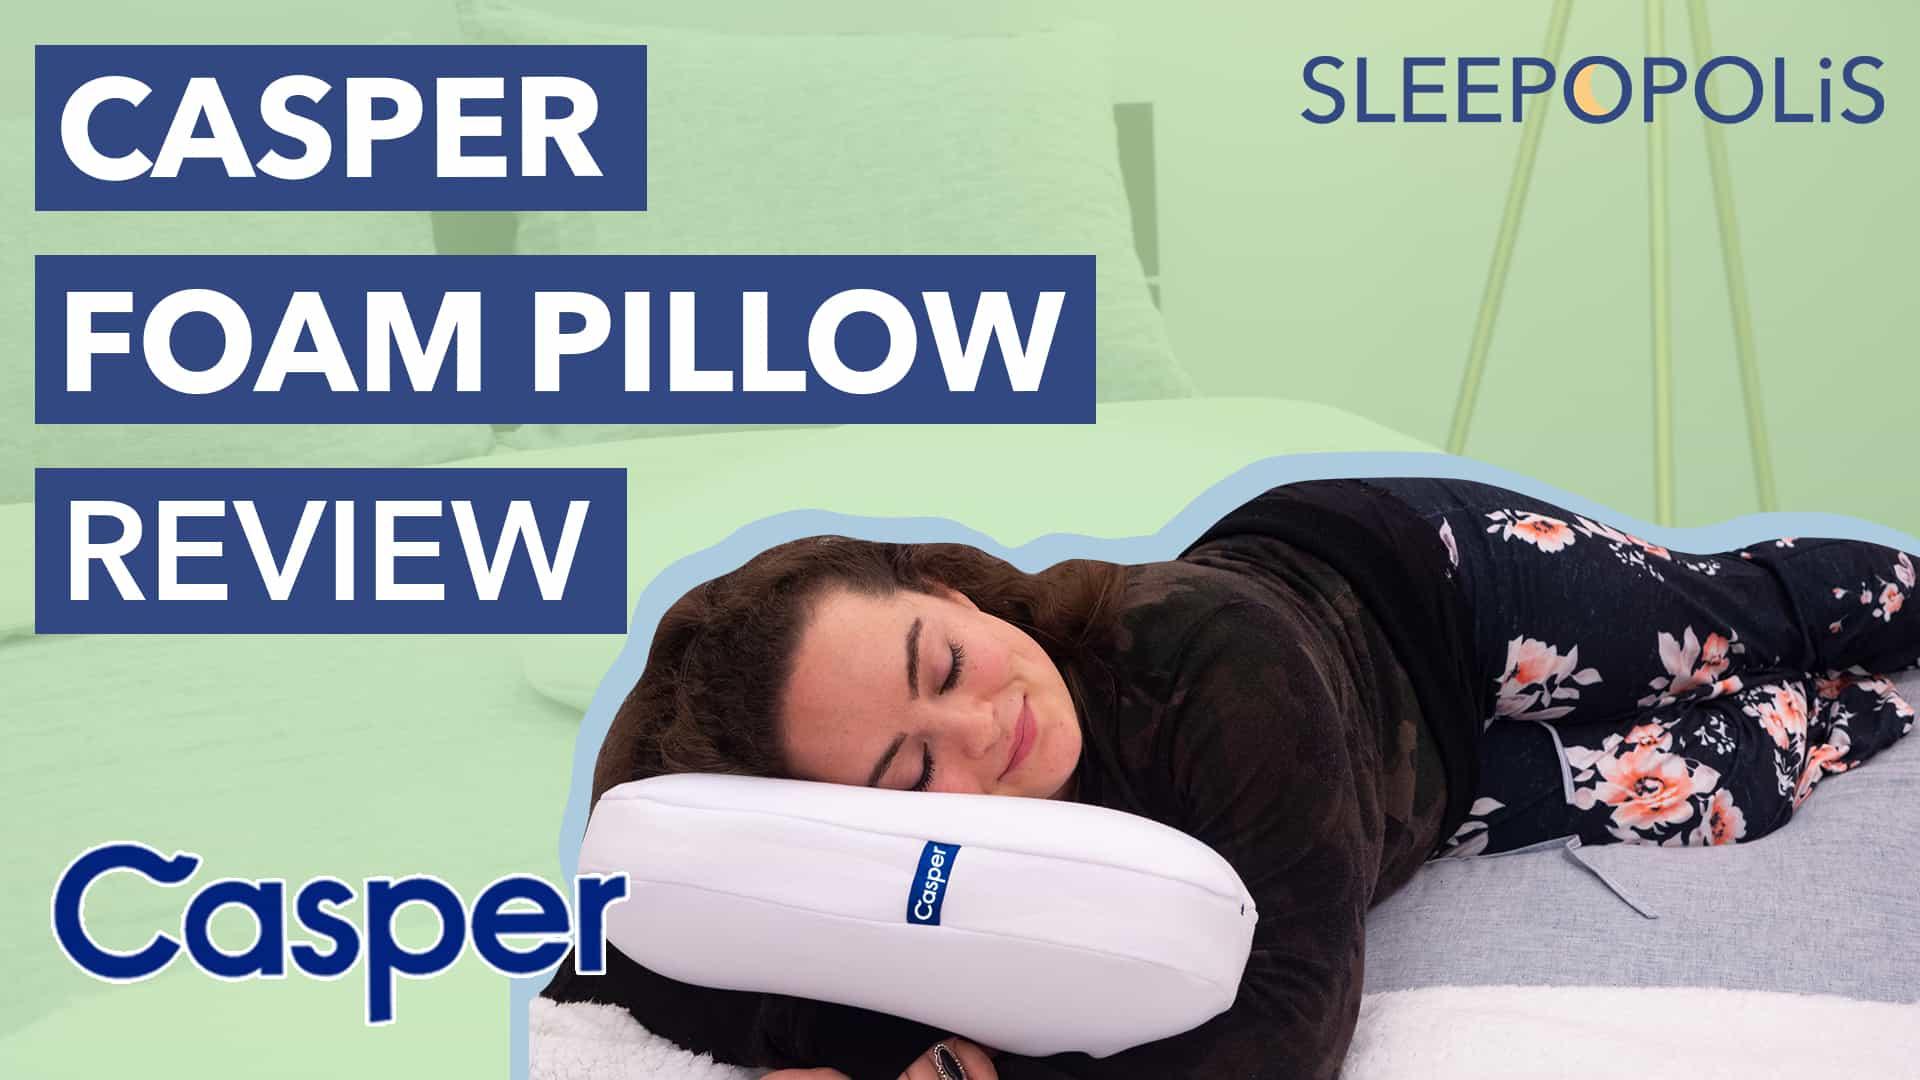 casper foam pillow review 2021 is